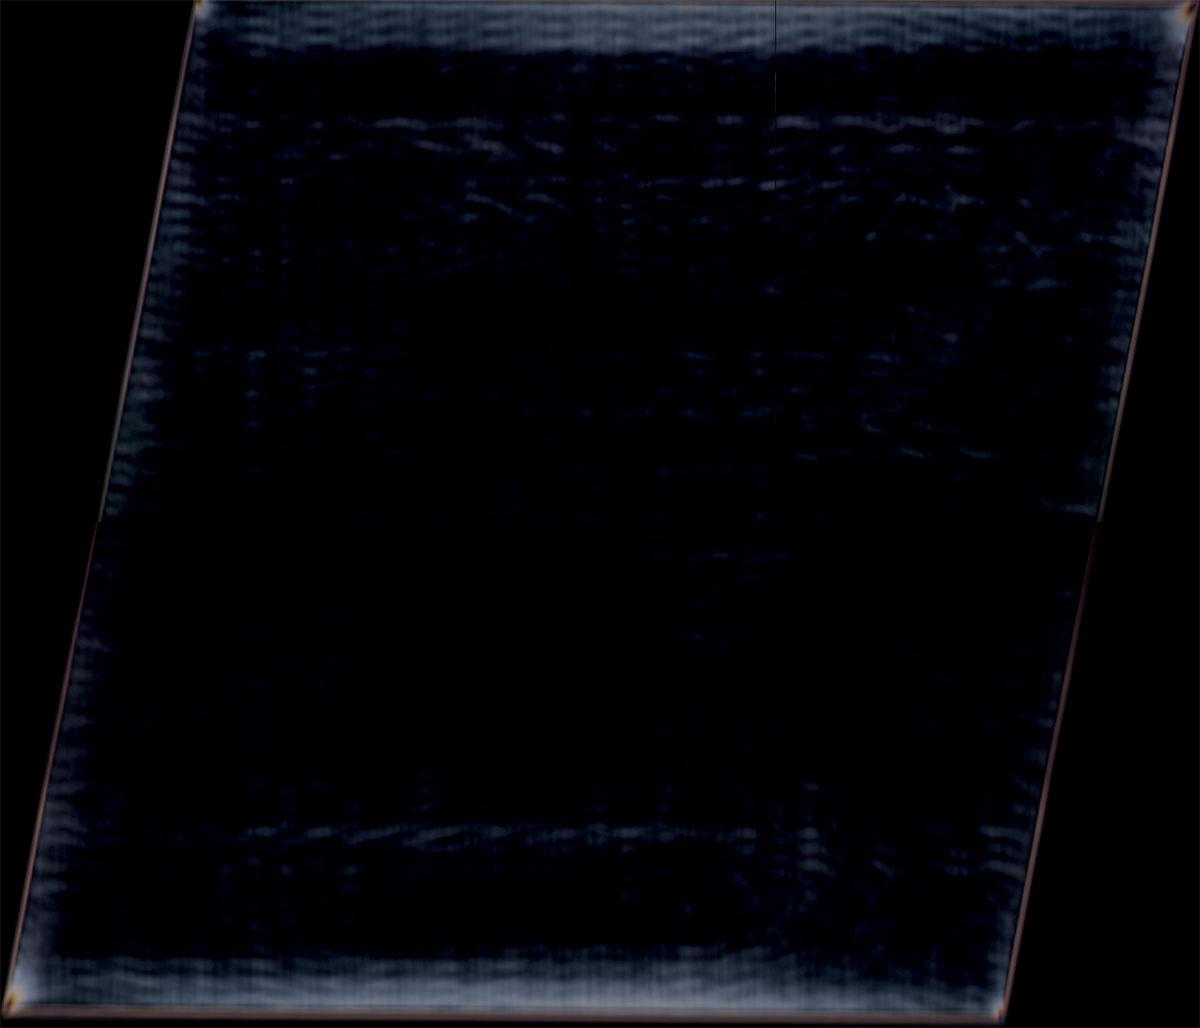 Slika 5. Izvorna slika dobijena on-line opremom za vizualizaciju